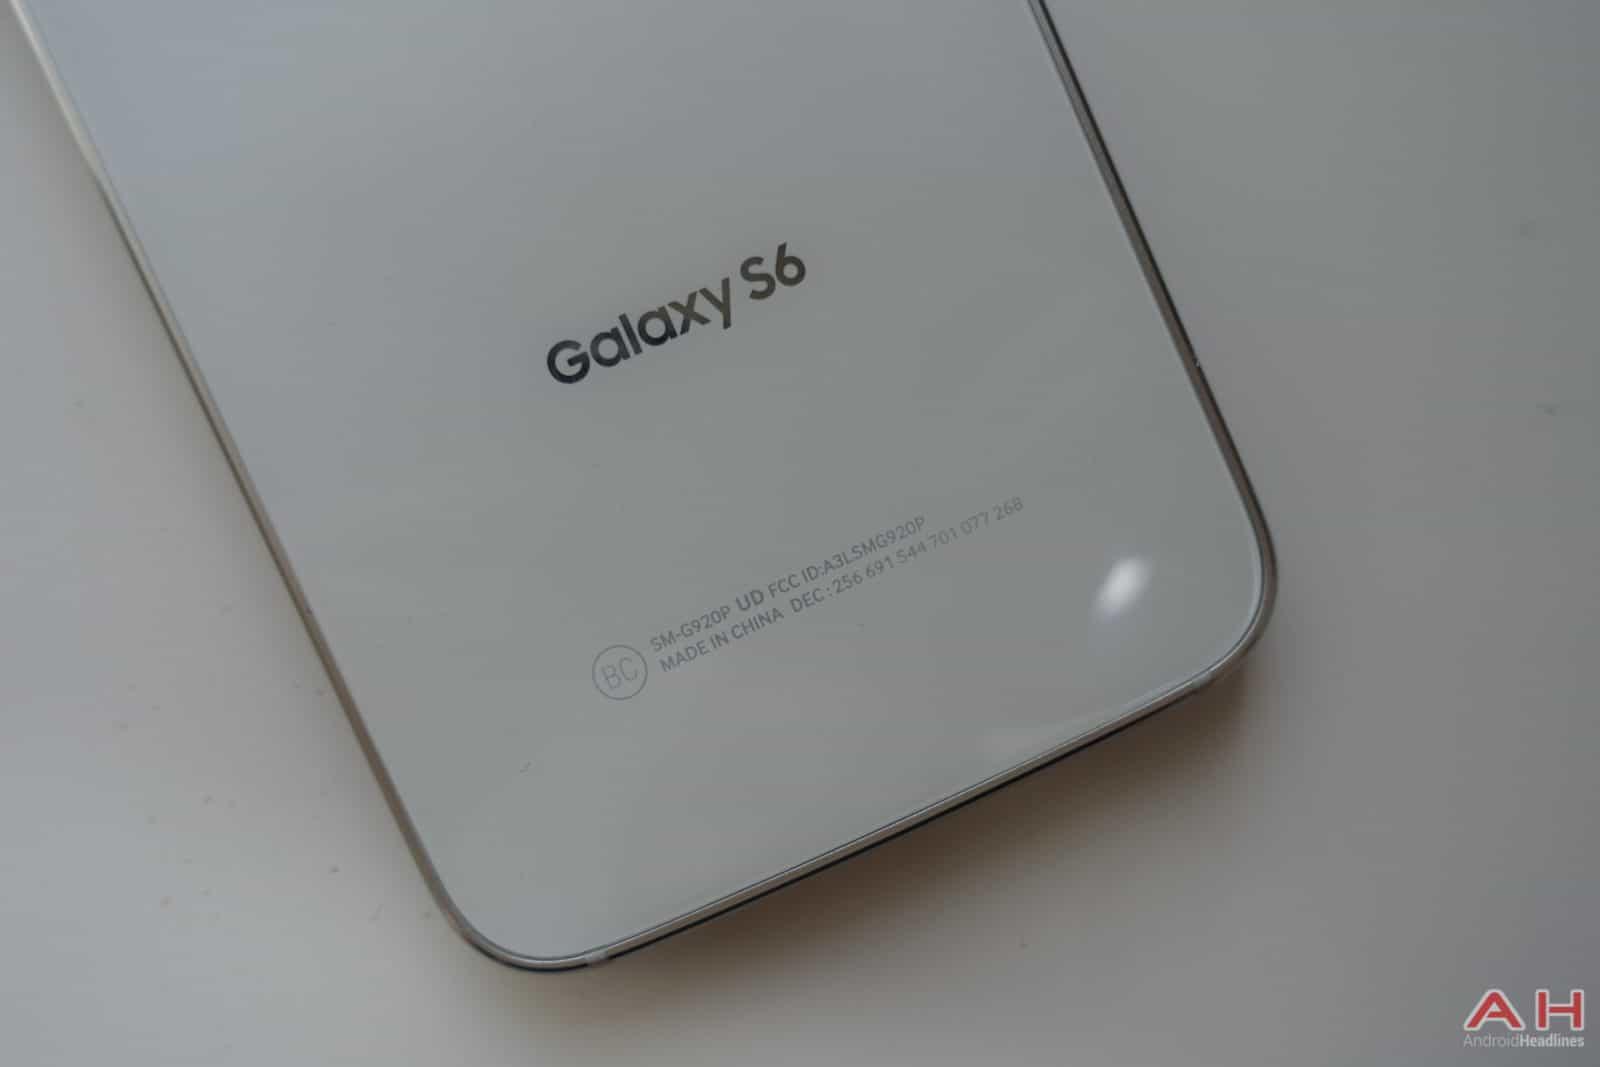 Galaxy-S6-AH-9